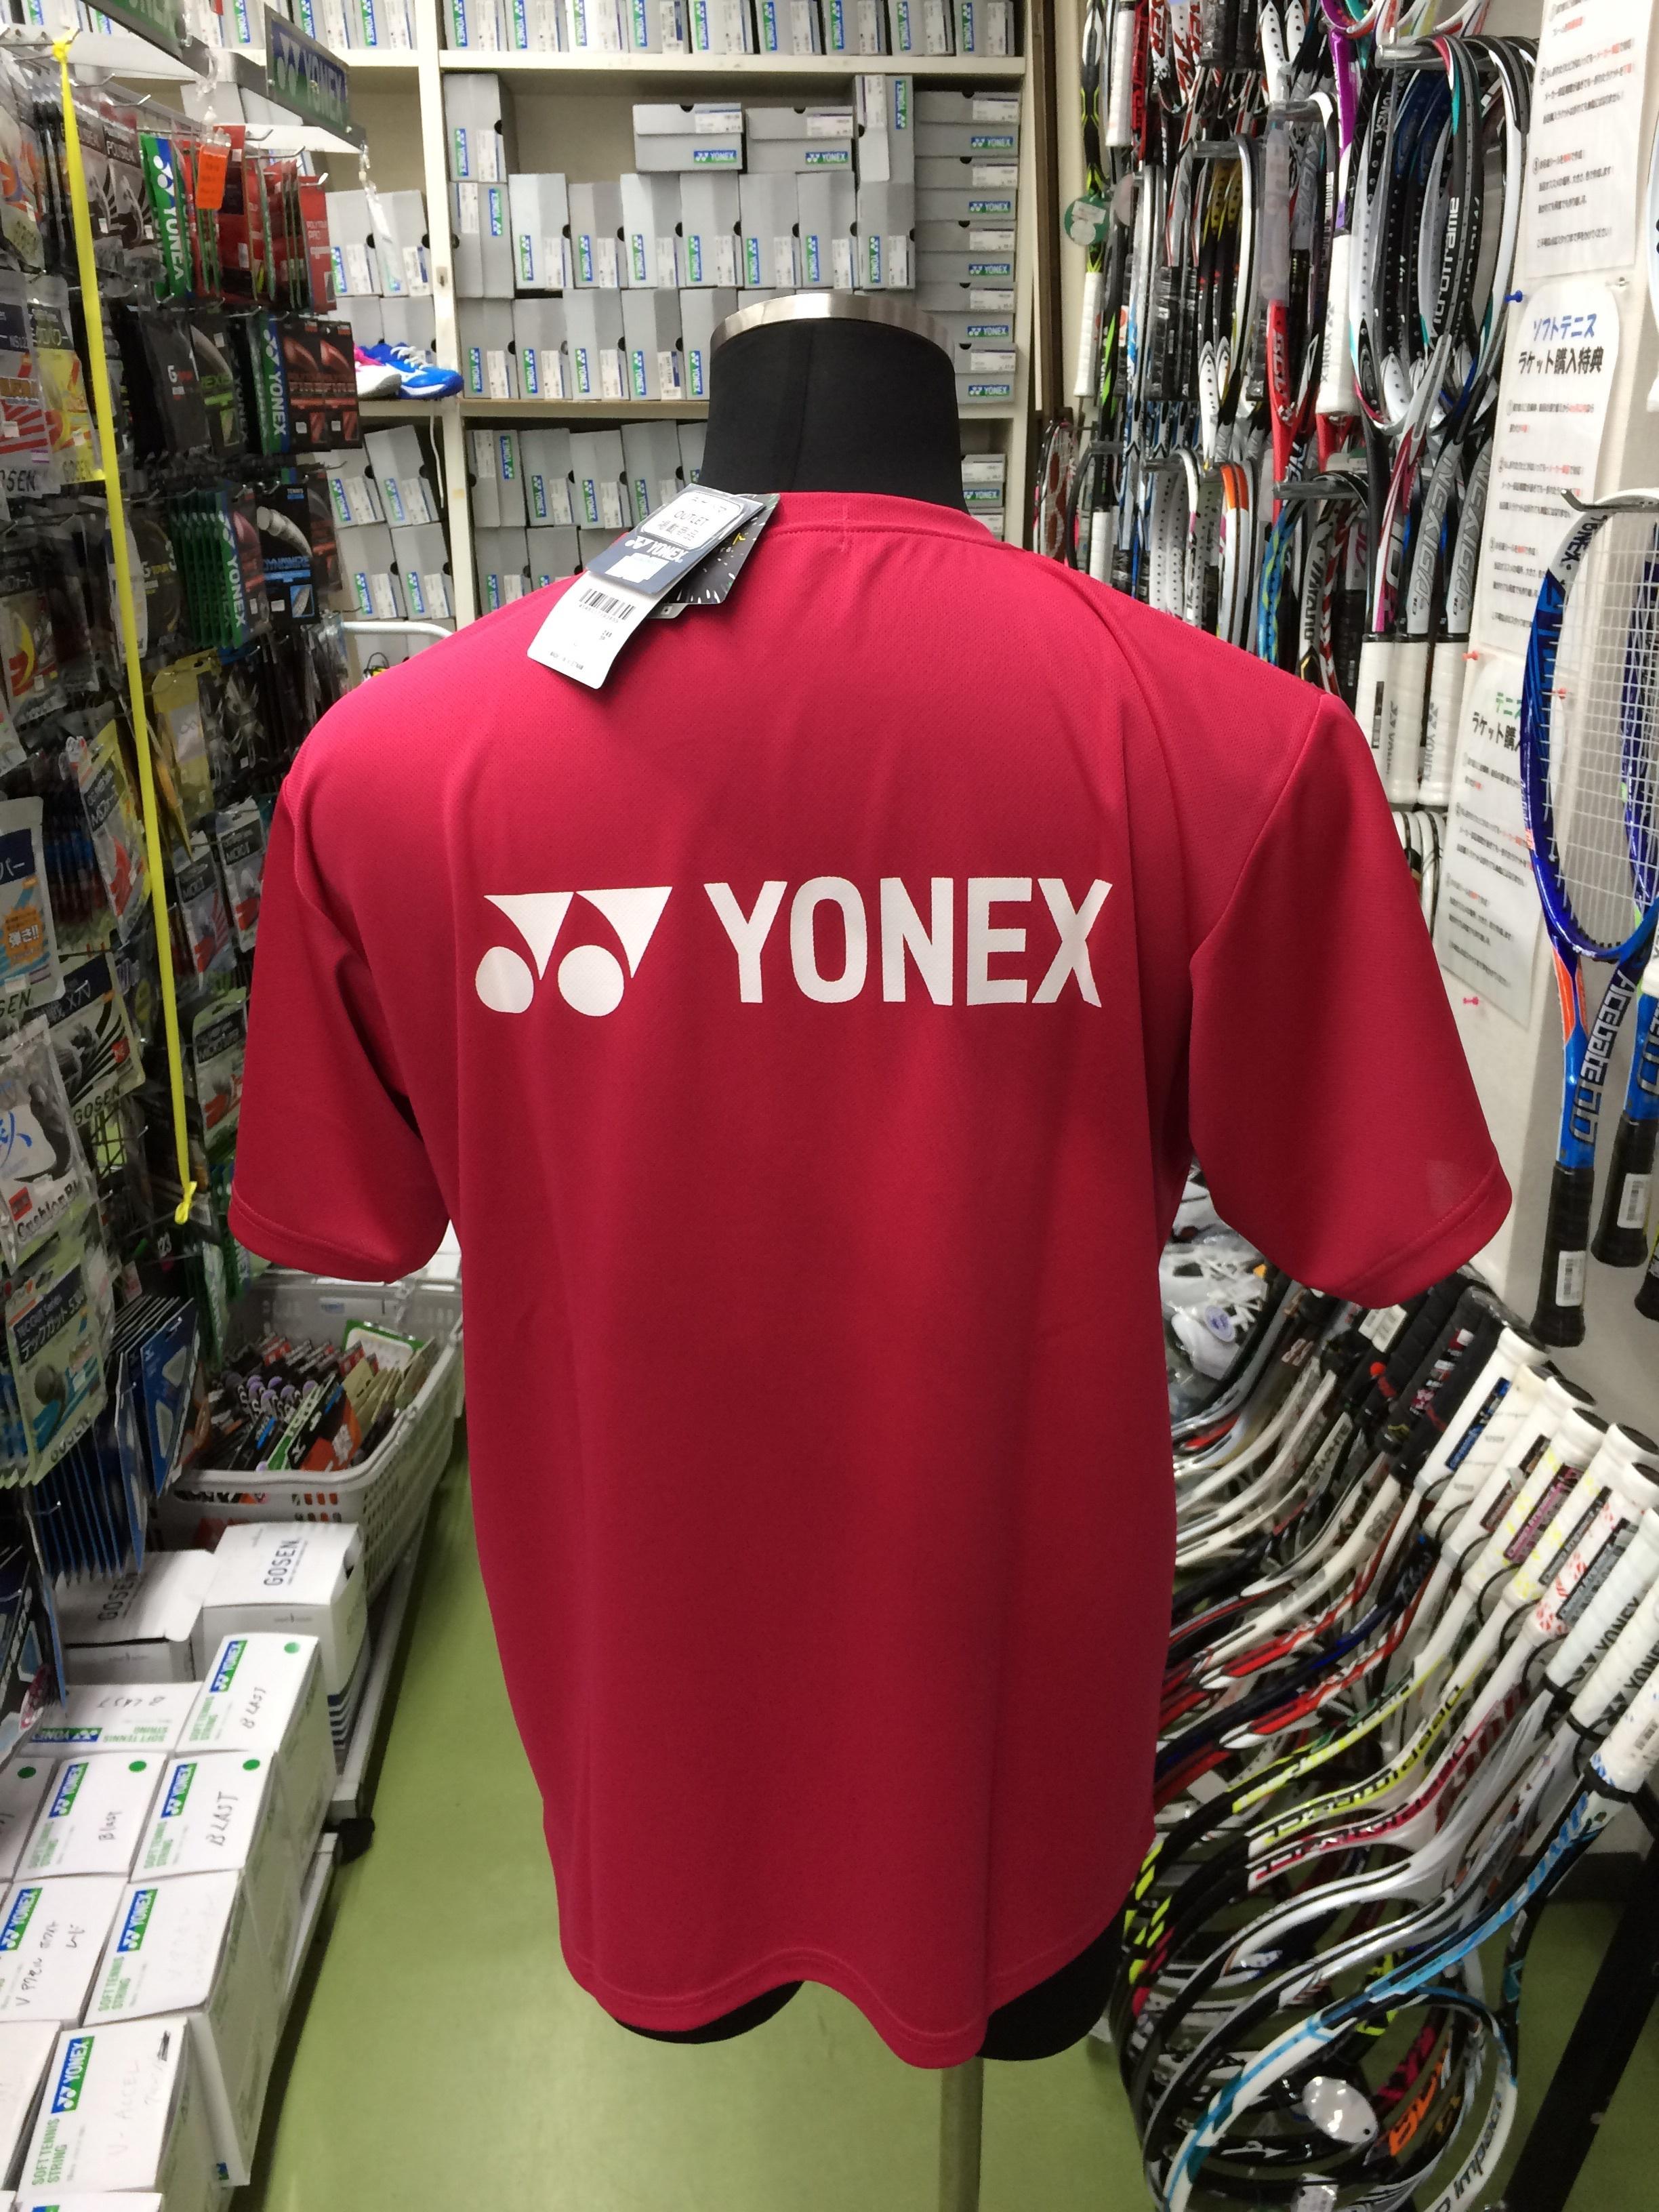 ヨネックス ユニドライTシャツ 16208Y - 画像2